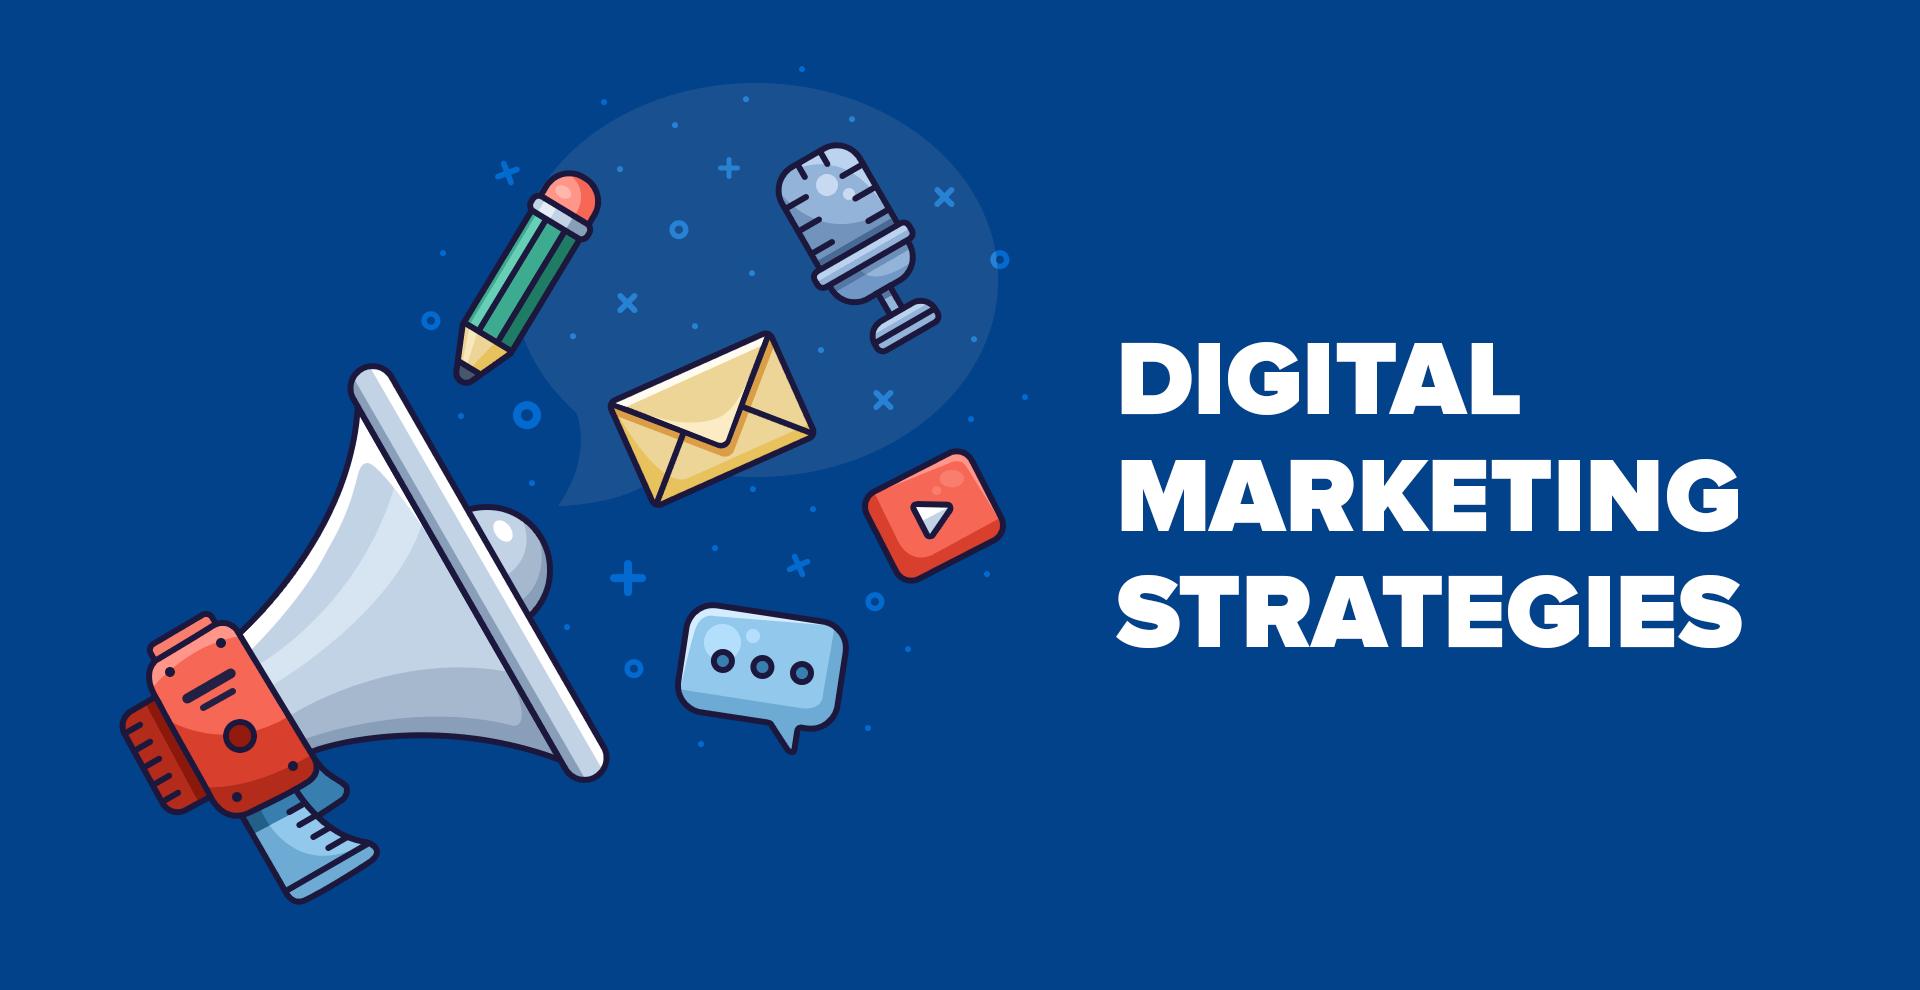 digital-marketing-strategies-1